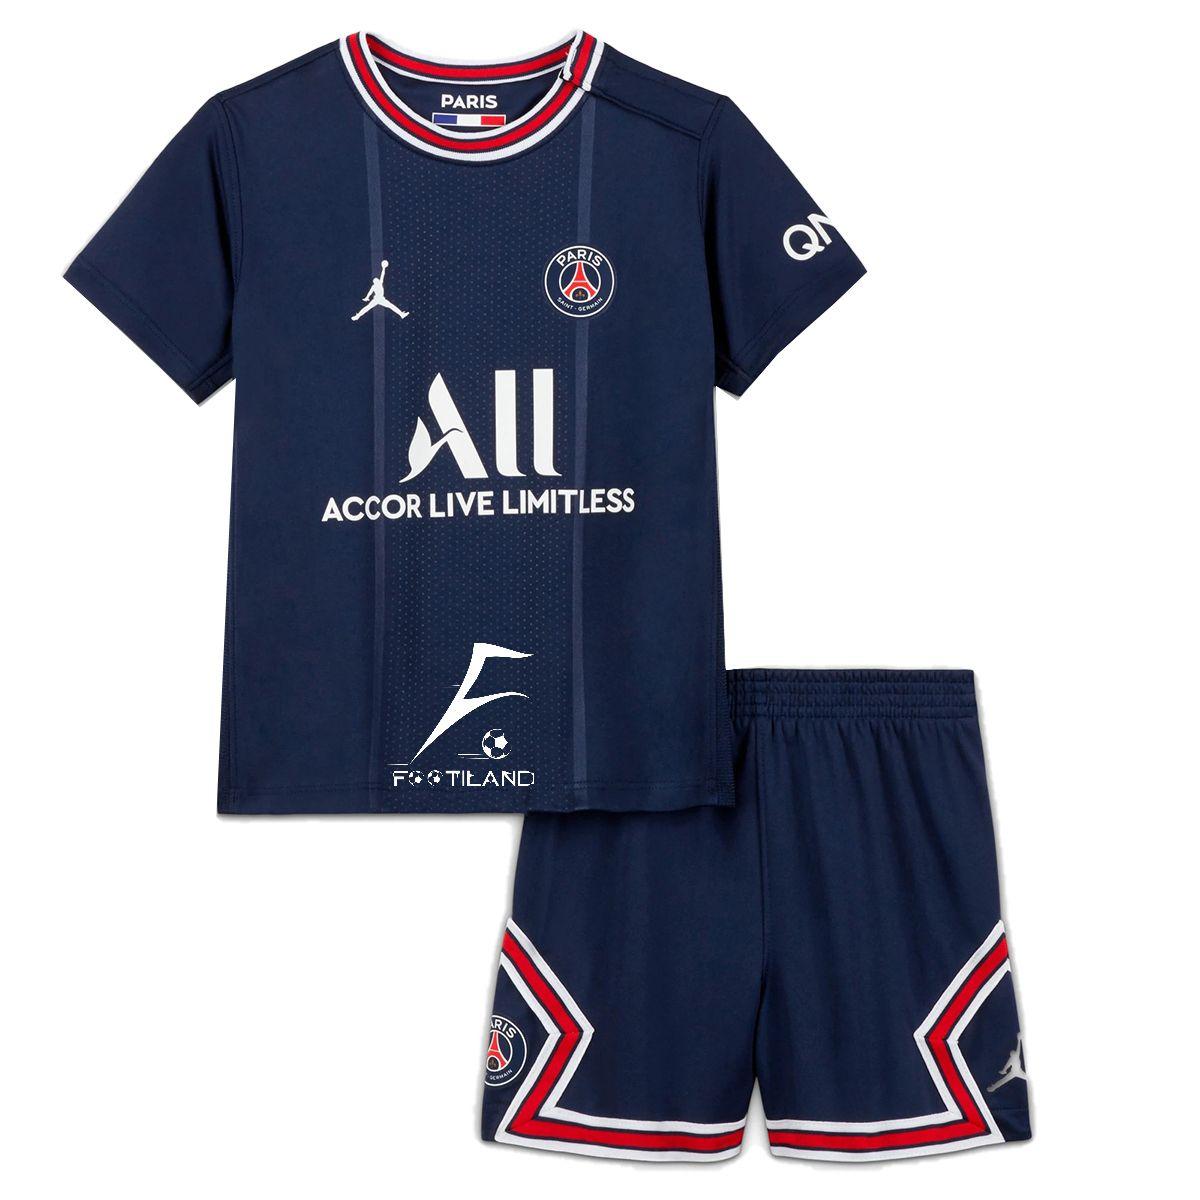 لباس بچه گانه پاریسن ژرمن 2022